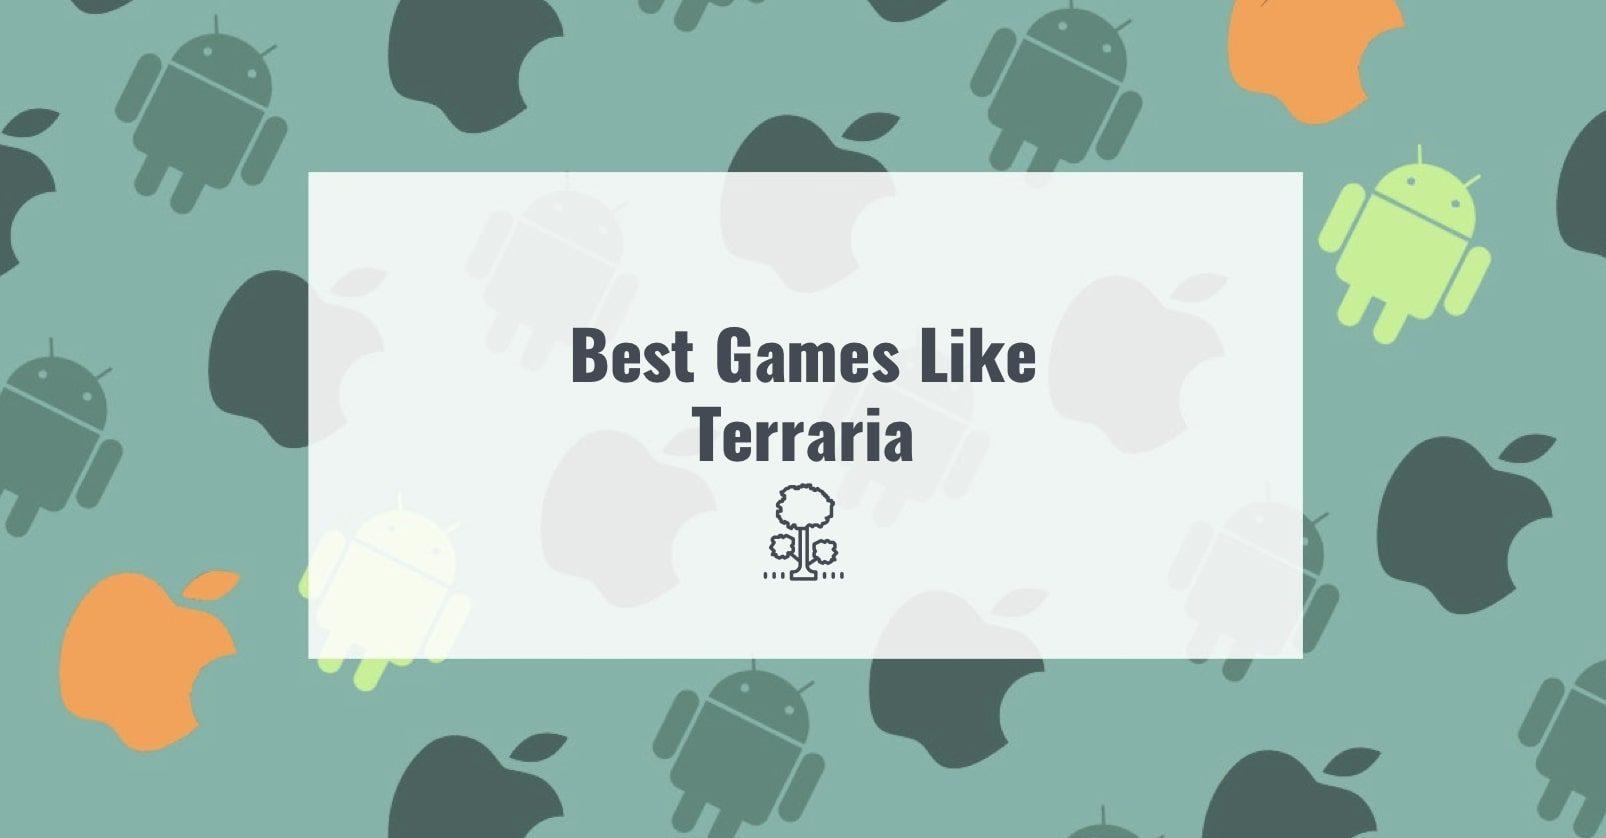 Best Games Like Terraria